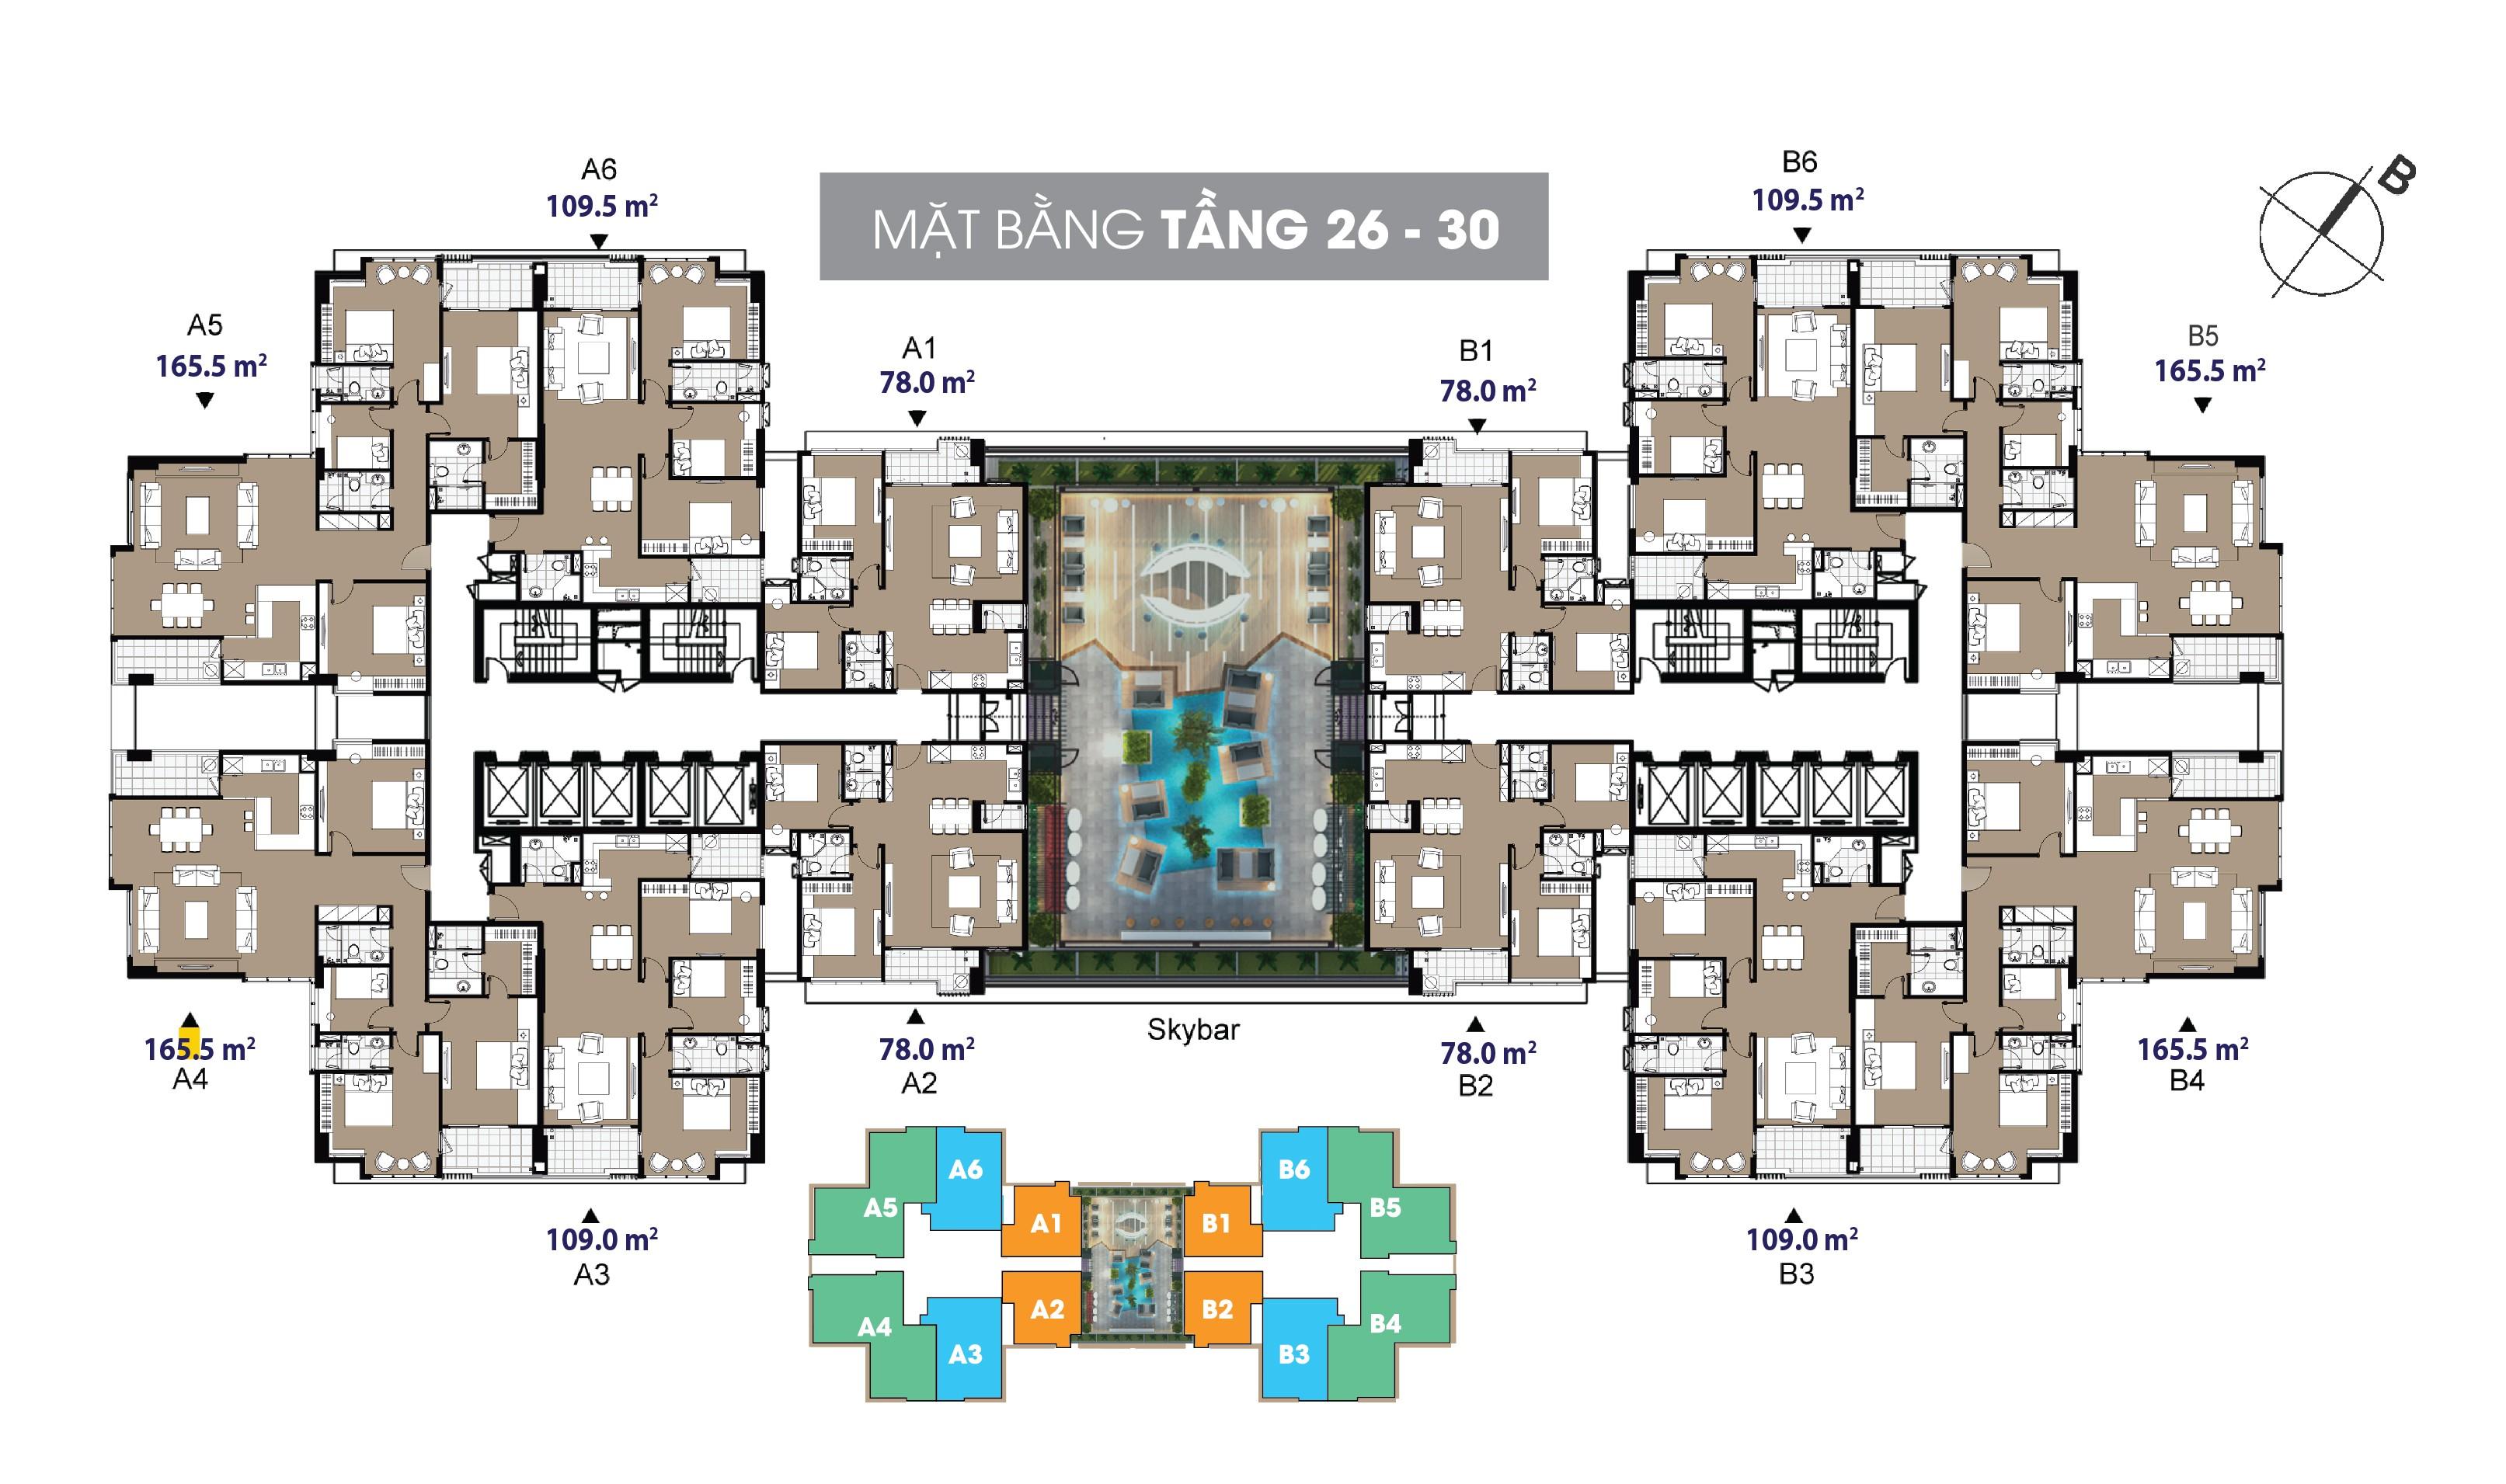 mat-bang-tang-25-30-chung-cu-the-legend-tower